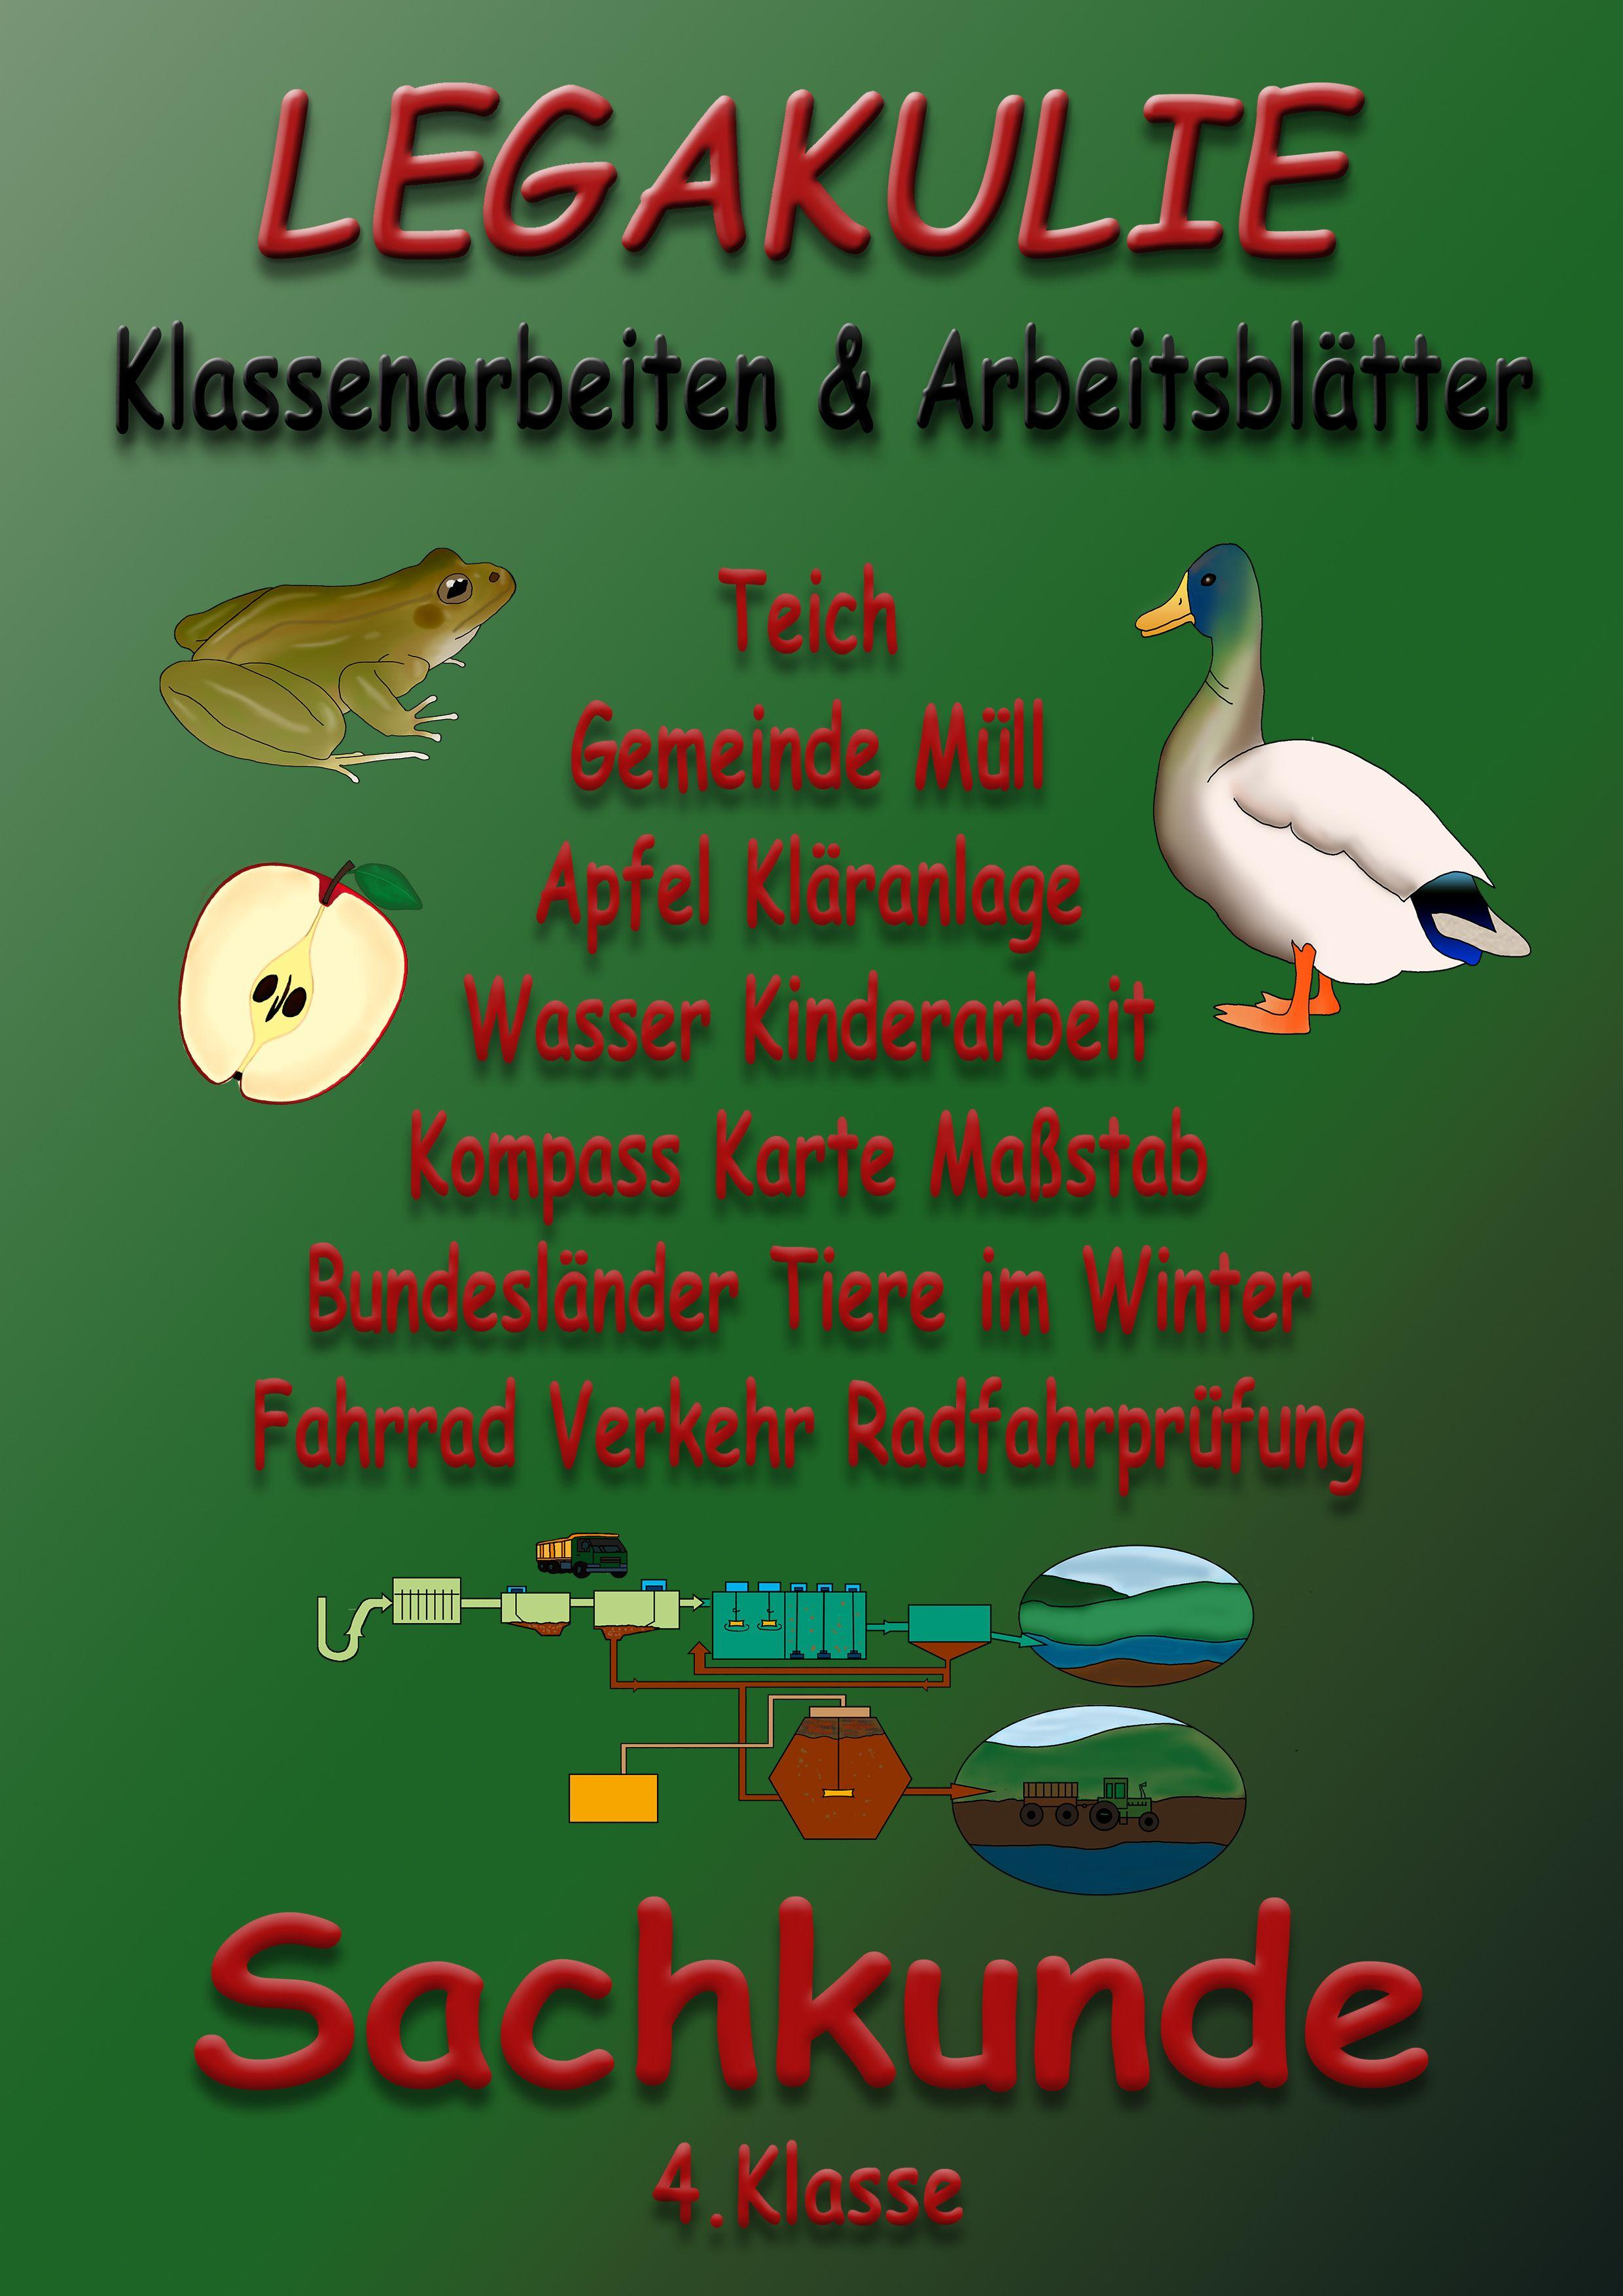 Sachkunde #4Klasse #Klassenarbeit #Arbeitsblatt #PDF Die ...